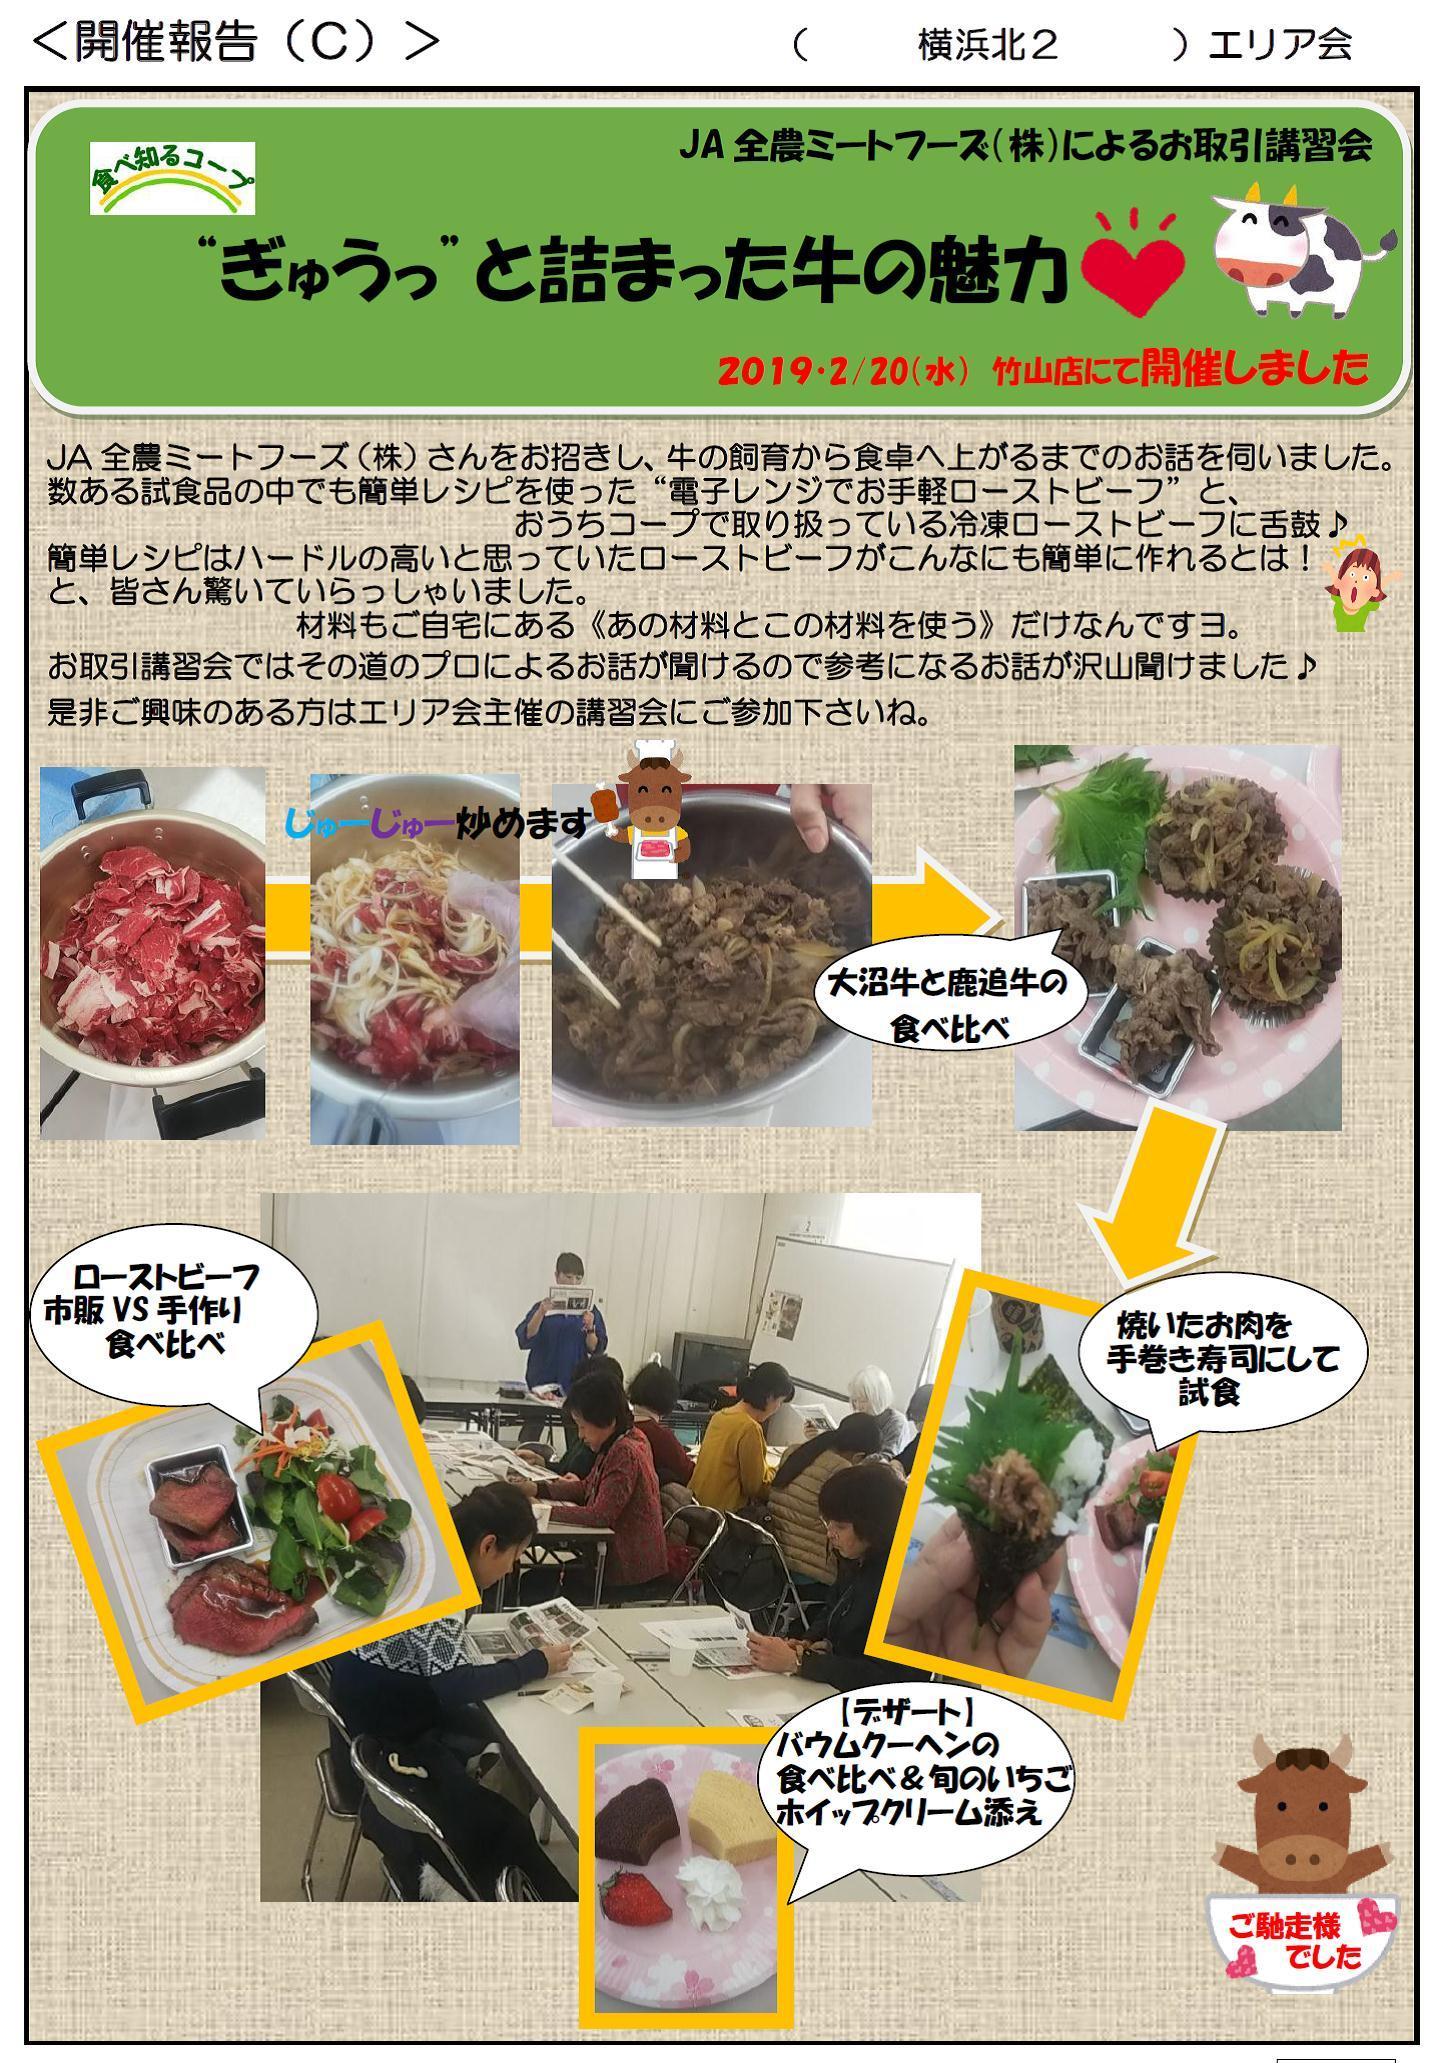 http://kanagawa.ucoop.or.jp/hiroba/areanews/files/20190220tabeshiru.jpg